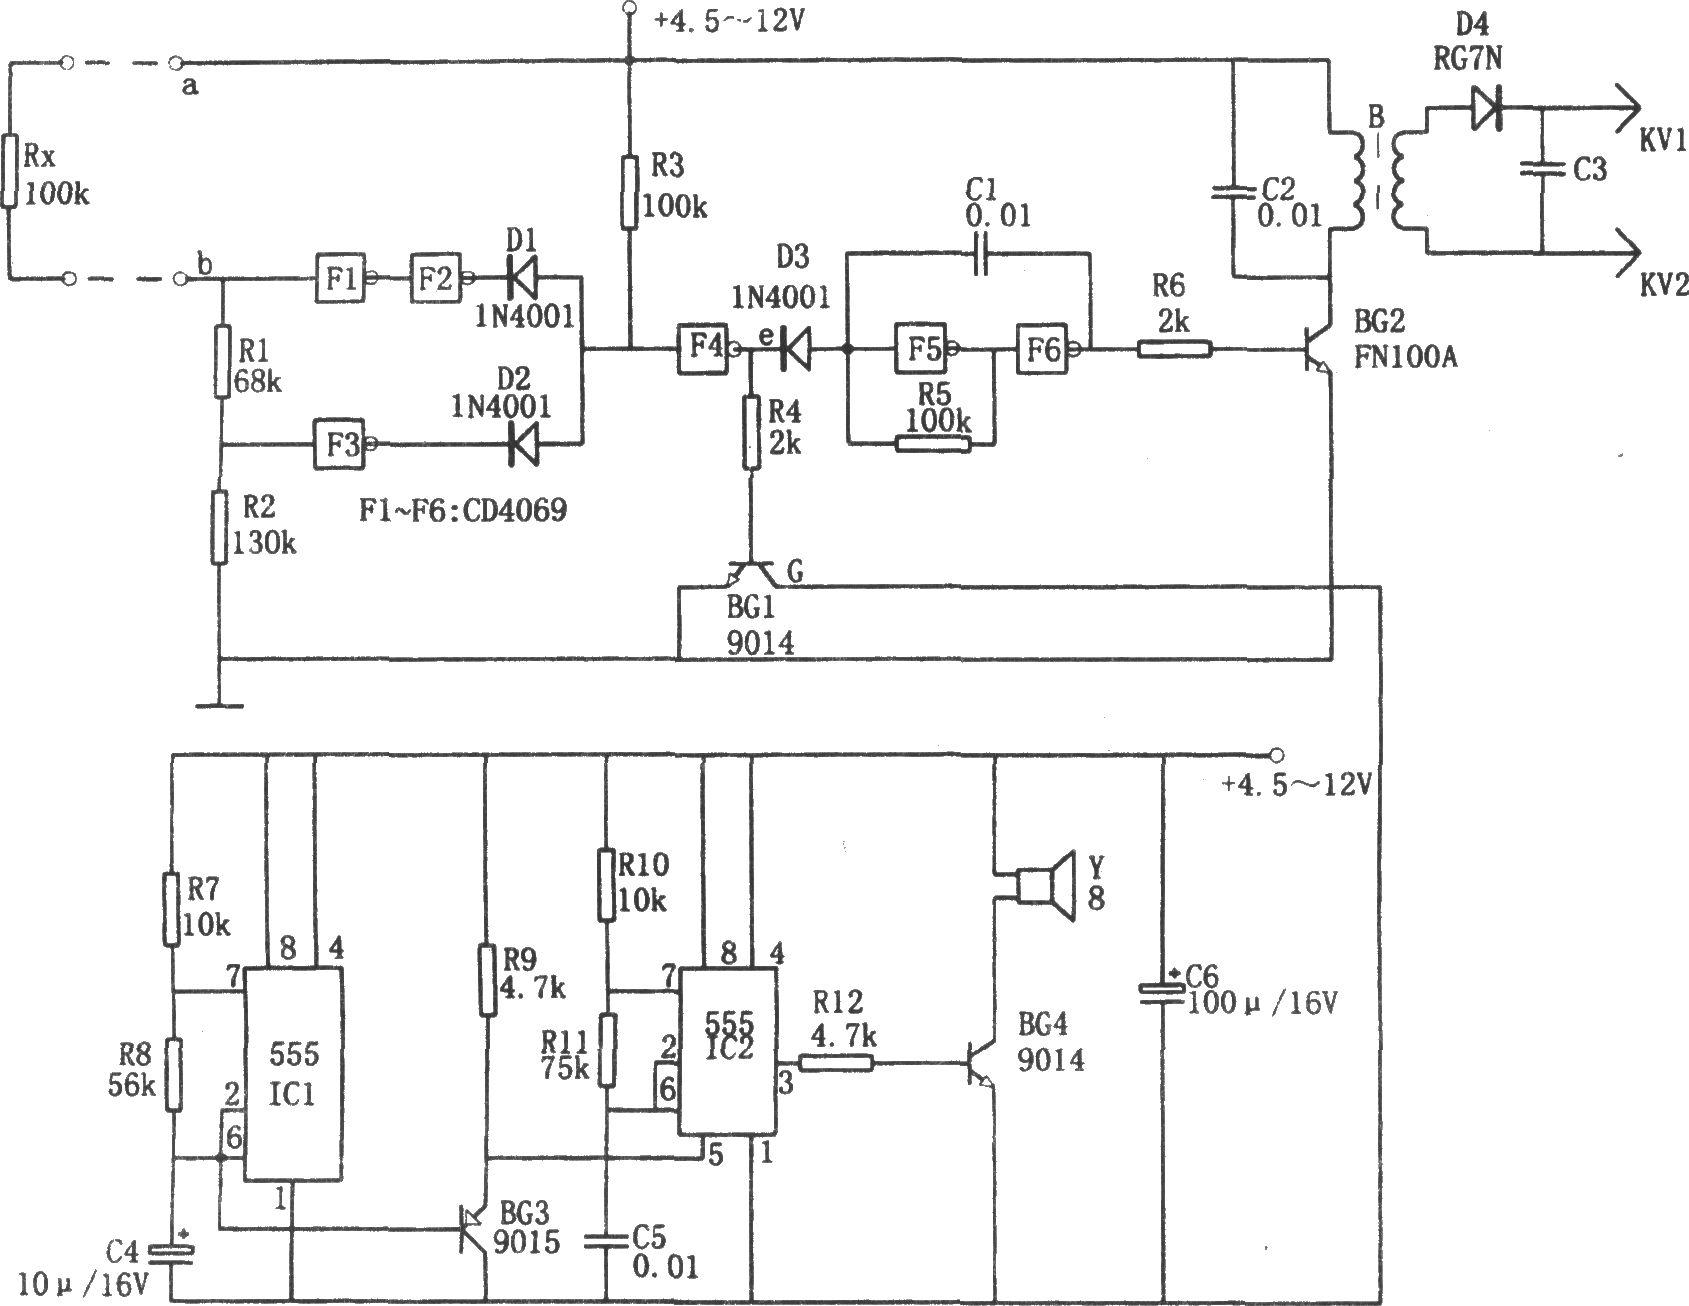 、变压器B主要用来作为驱动级。电路中,当a、b间出现断路或短路时,权电阻Rx的阻值增大或减小,导致F4非门电路(e点)输出高电平,从而使管子BG1导通,将音响电路接通,发出双音报警信号。同时,因管子D3截止,由F5、F6等组成的音频振荡器开始振荡,其振荡频率约为3000Hz,该信号经由BG2管和升压变压器B组成的放大器后,得到升压并进行整流,最后得到近万伏的高压,以电击行窃者。 在由555和晶体管等元件组成的多谐振荡音响电路中,由IC1等元件组成的多谐振荡器的振荡频率约为1Hz,充放电电容器C4与脚相接,